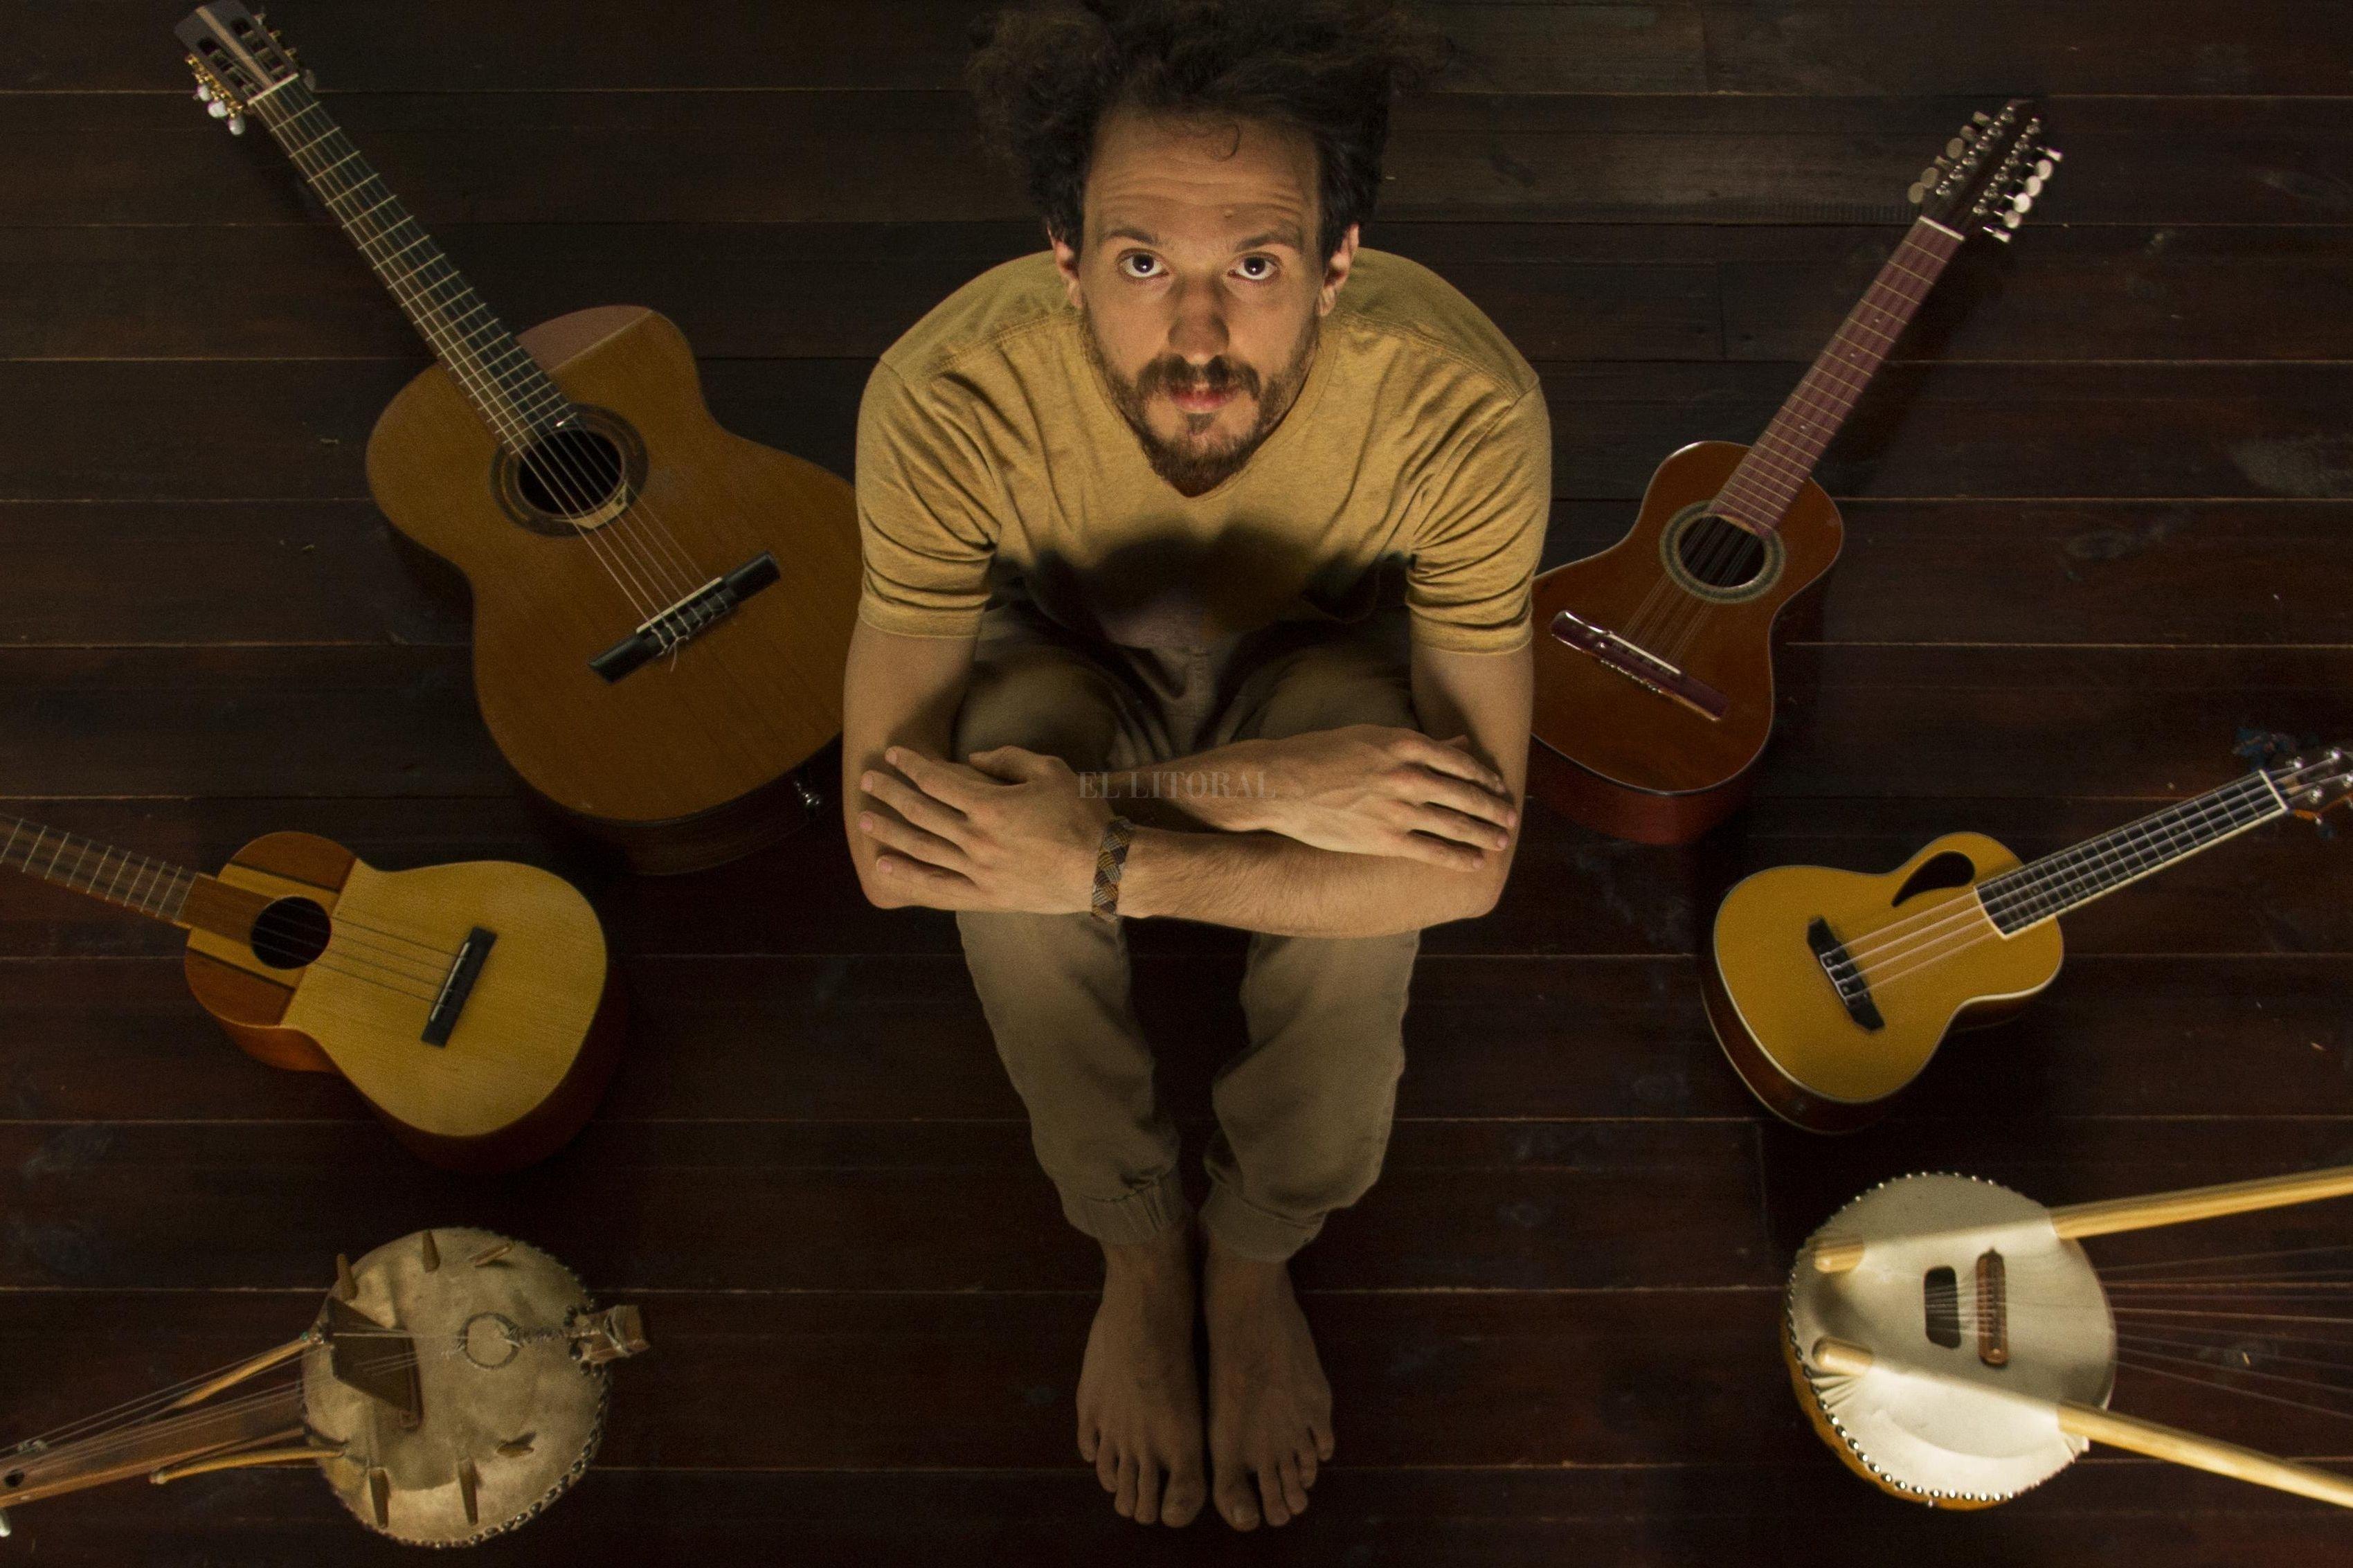 Las canciones de Rodrigo Carazo son atravesadas por distintos ritmos y timbres del mundo, con un claro y profundo concepto en sus líricas. <strong>Foto:</strong> Gentileza producción